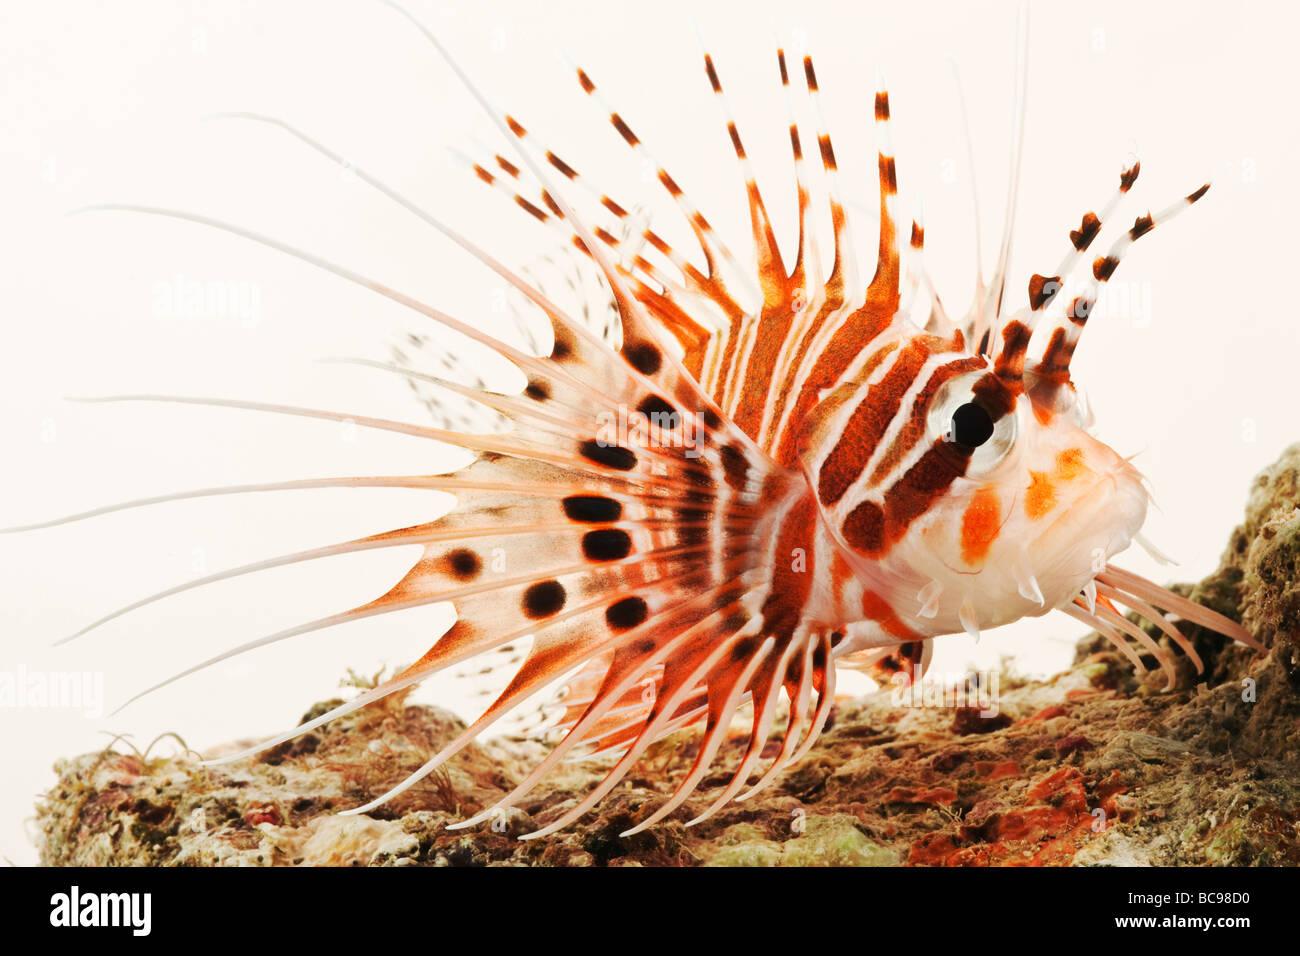 Spotfin pez león pez de arrecife marino tropical Imagen De Stock